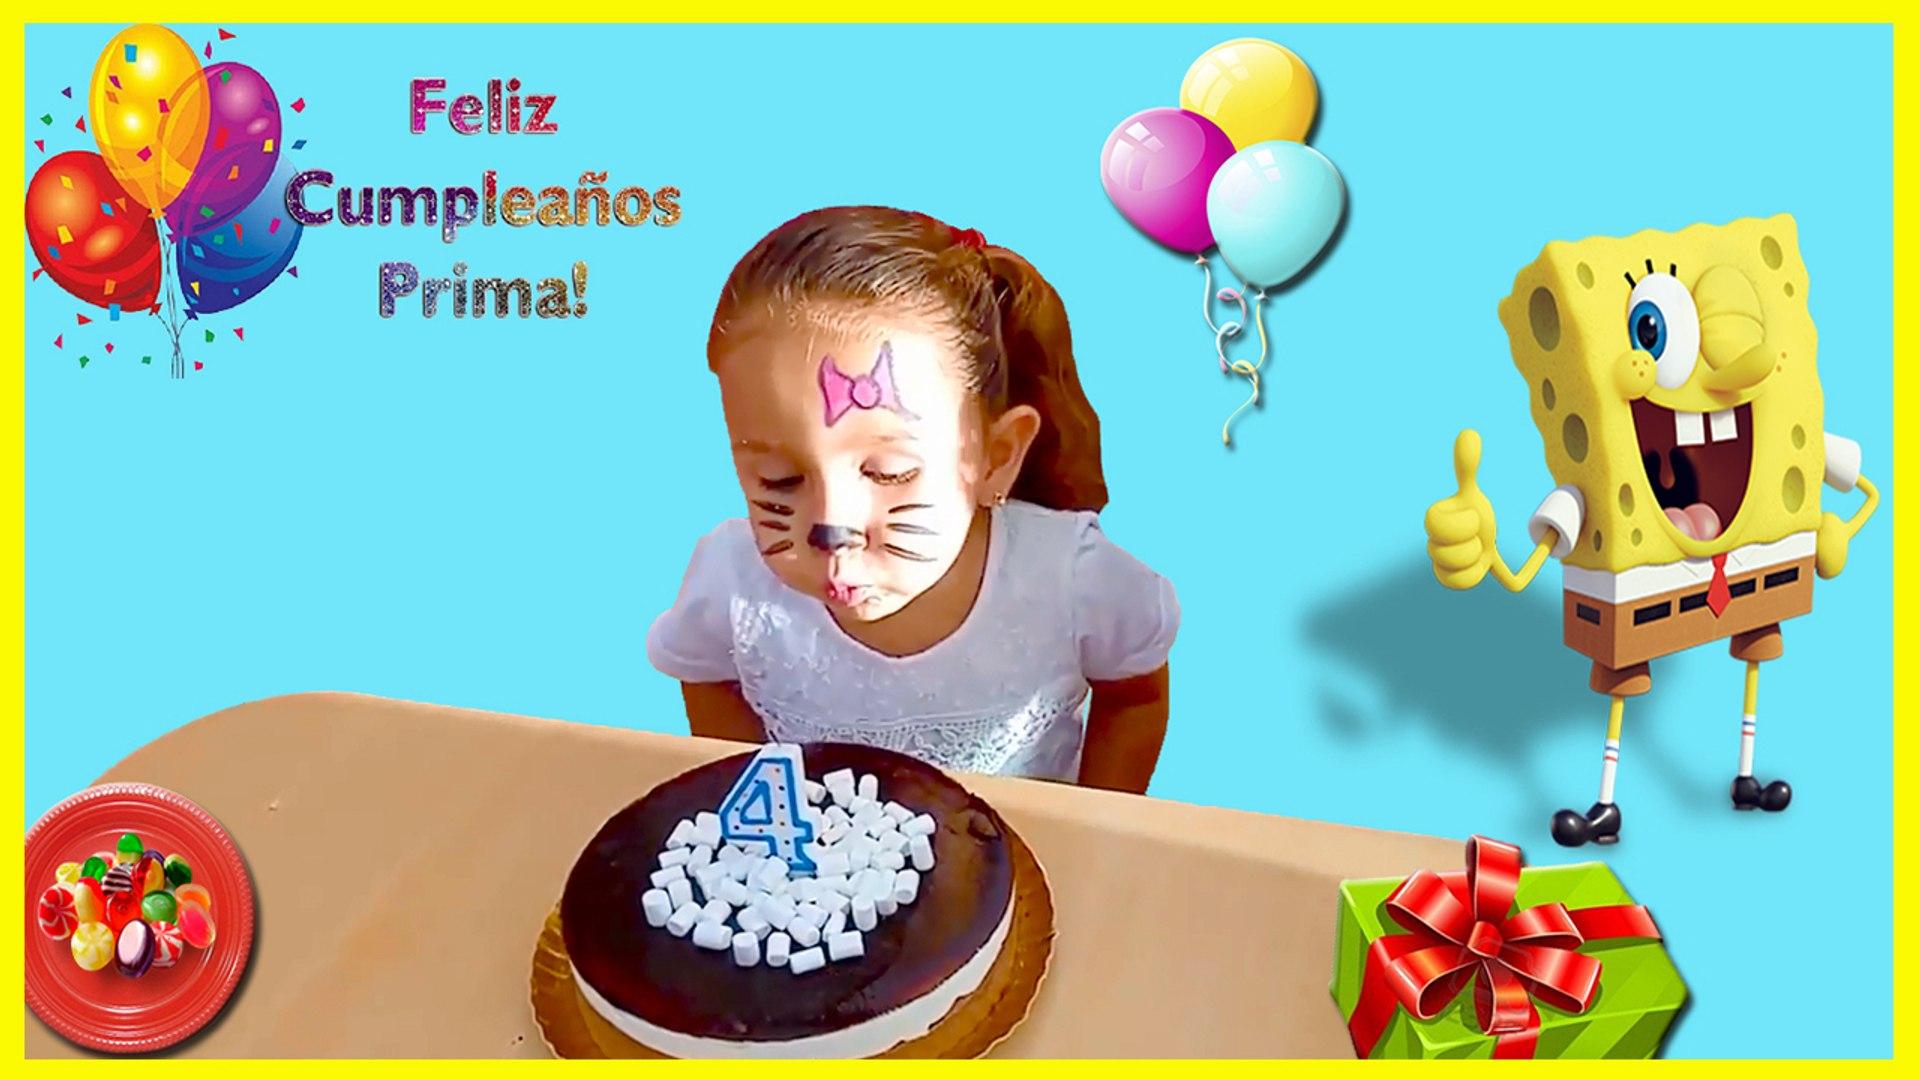 Cancion Feliz Cumpleanos Salsa.Eliana En El Cumpleanos De Su Prima Yaneisy Eliana On The Birthday Of Her Cousin Yaneisy